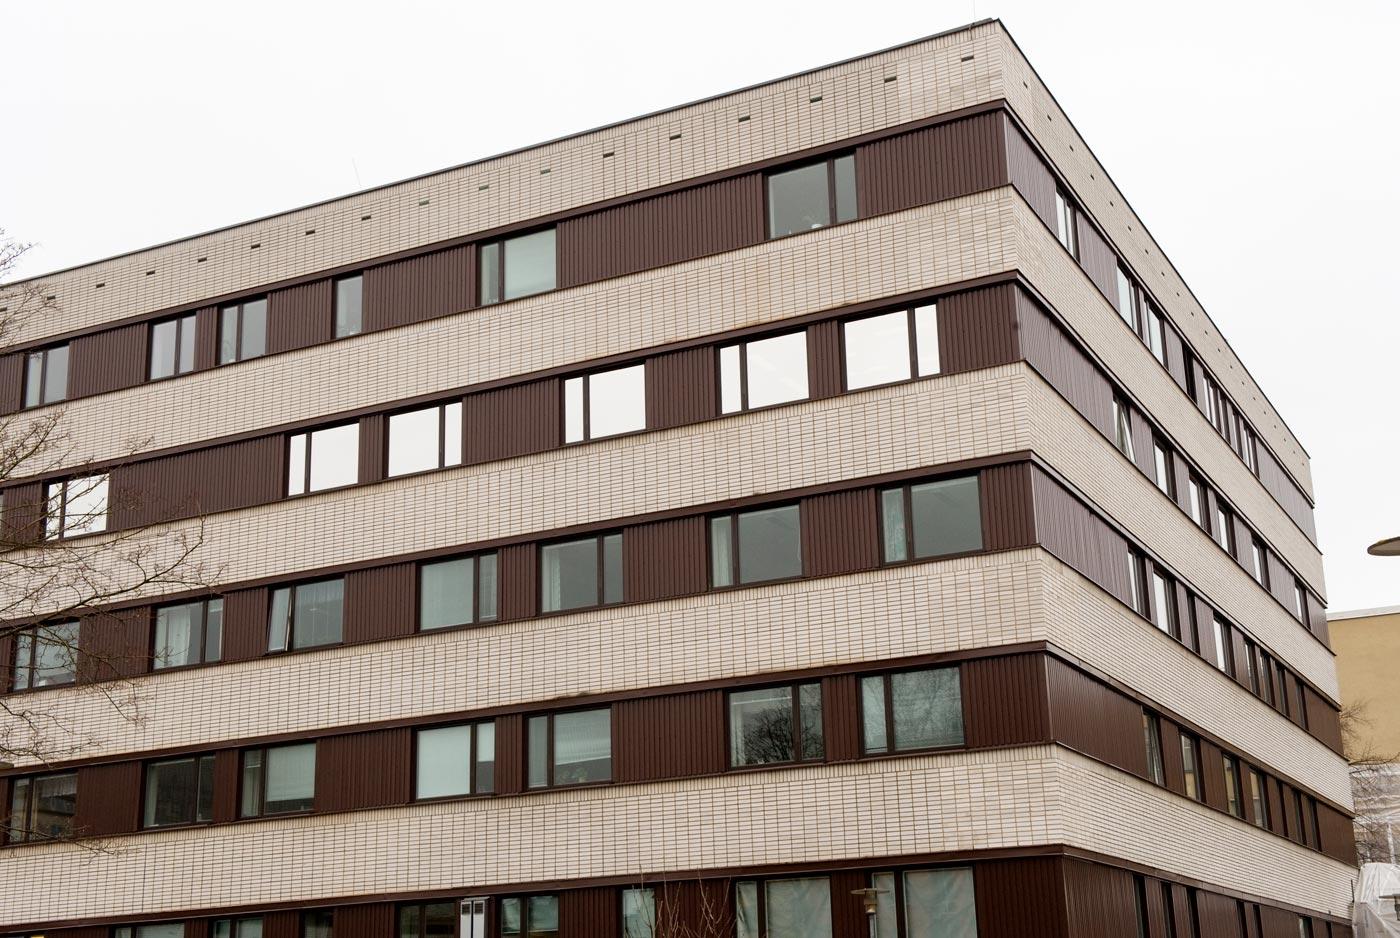 Heving & Hägglund - Byggservice - St Eriks Sjukhus - Fönsterrenovering